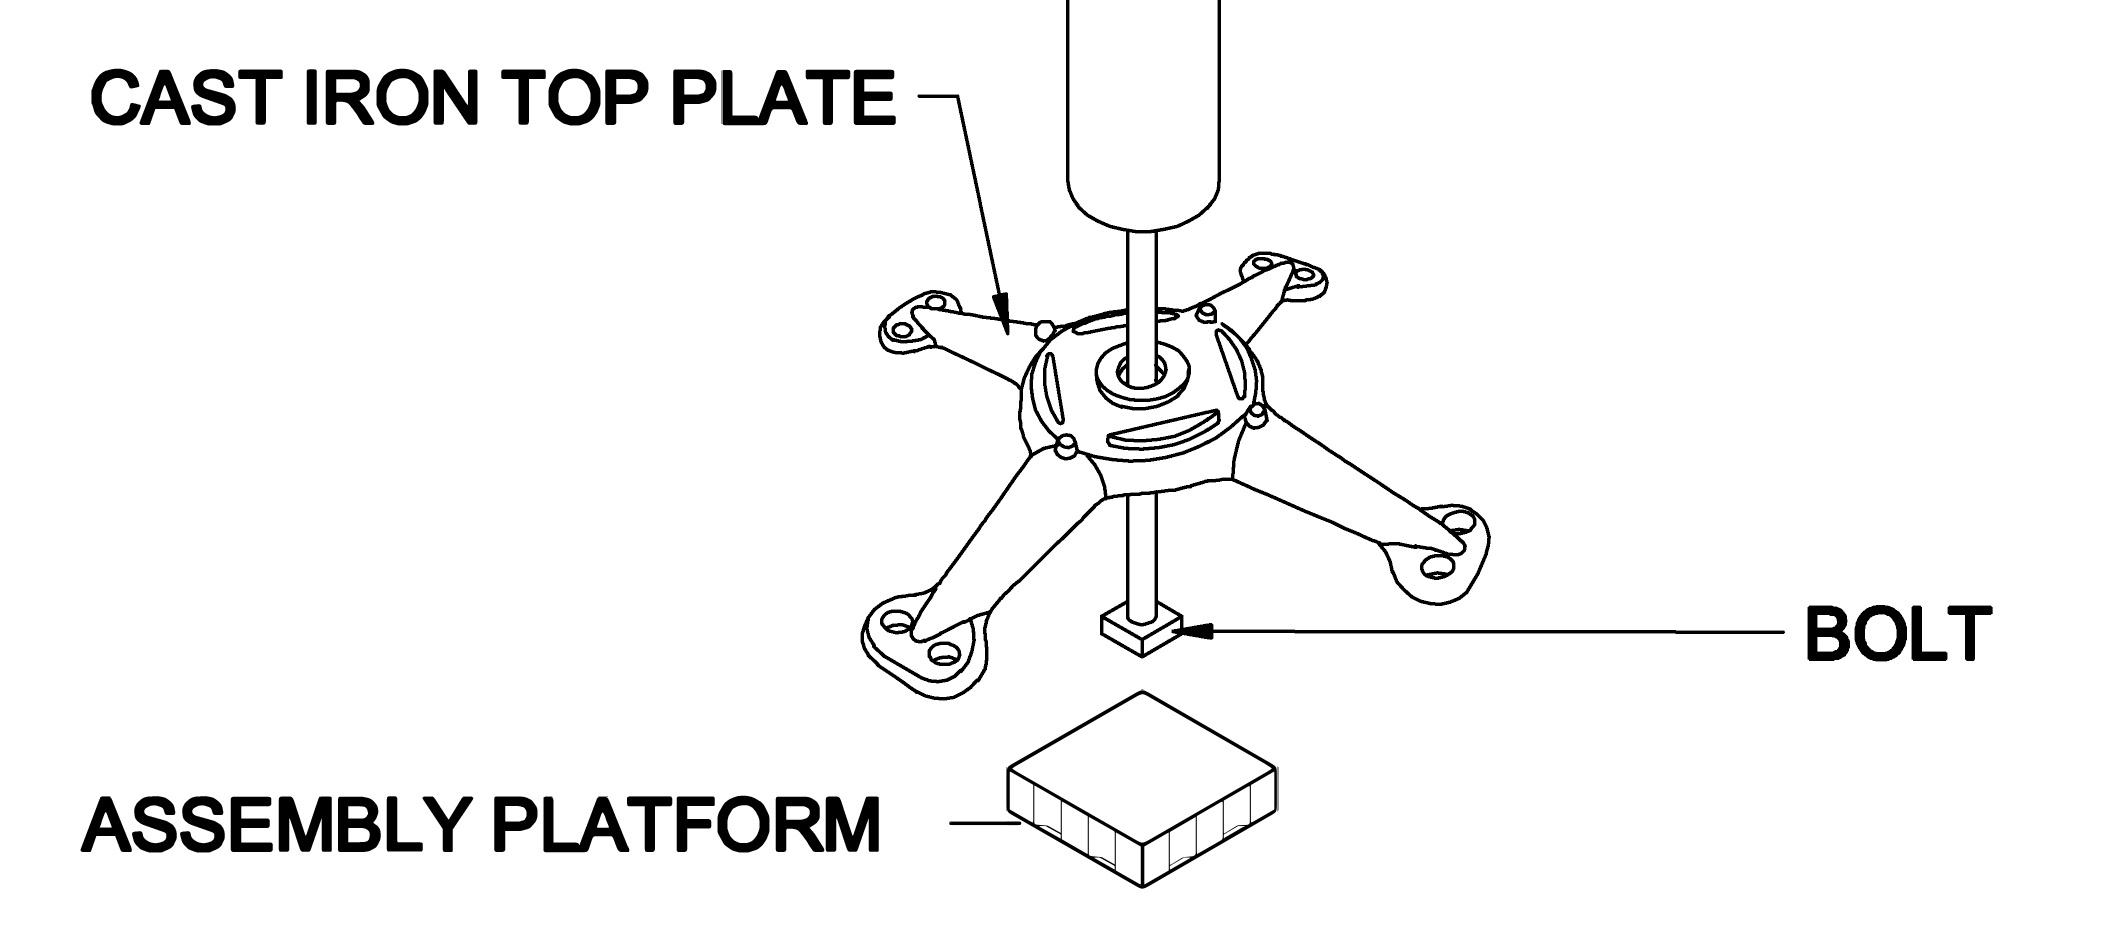 modify_assembly_platform.jpg